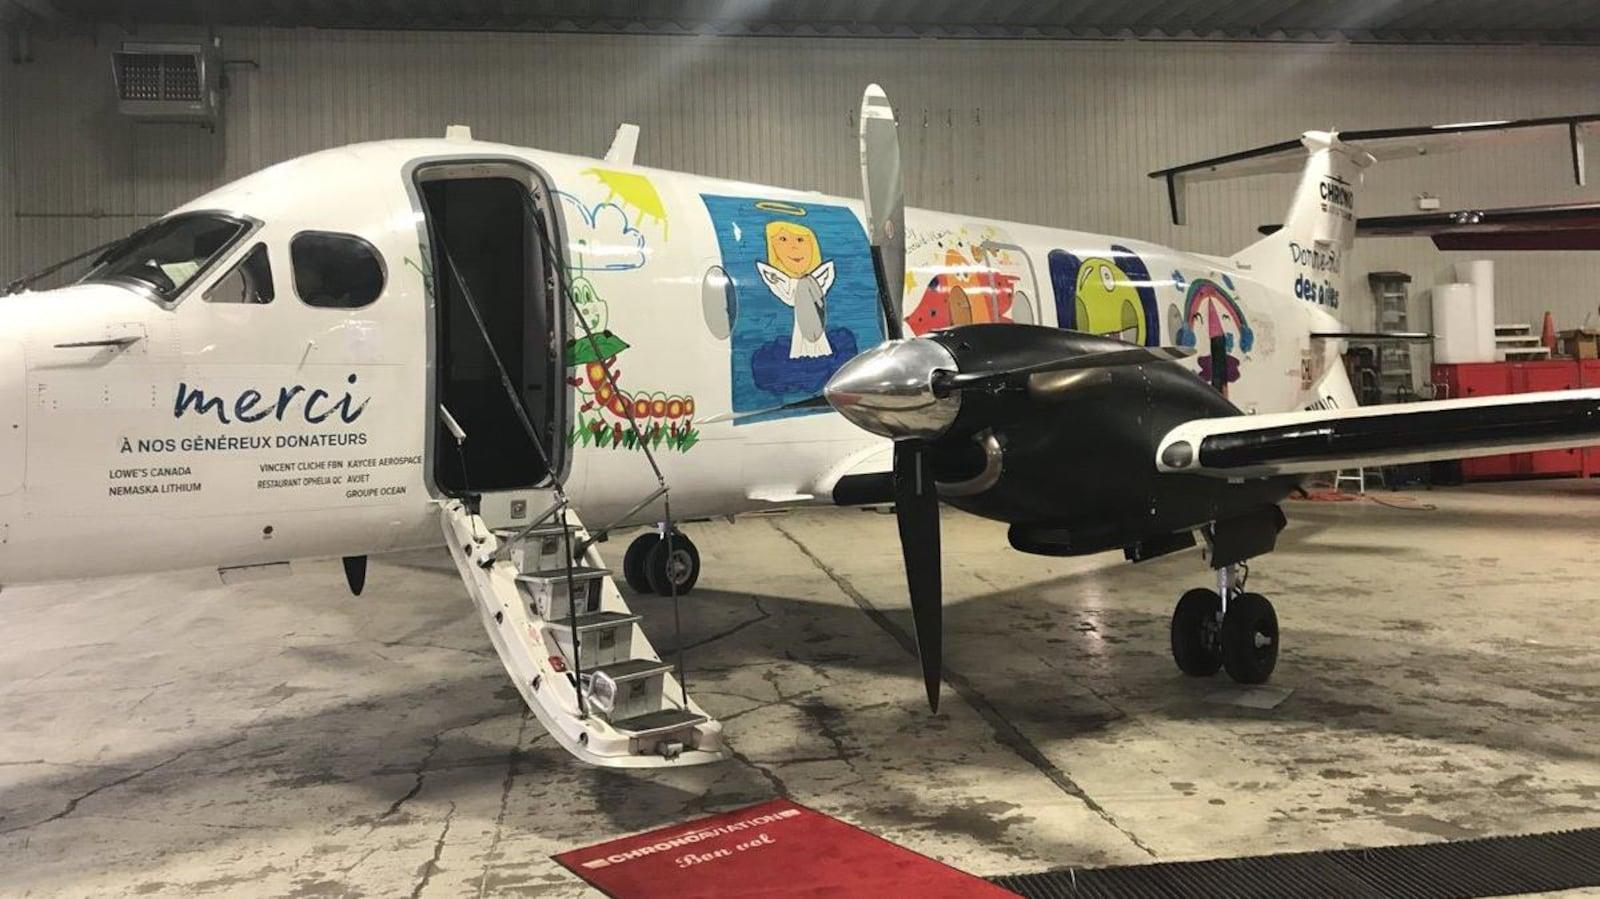 Un avion avec des dessins d'enfants.